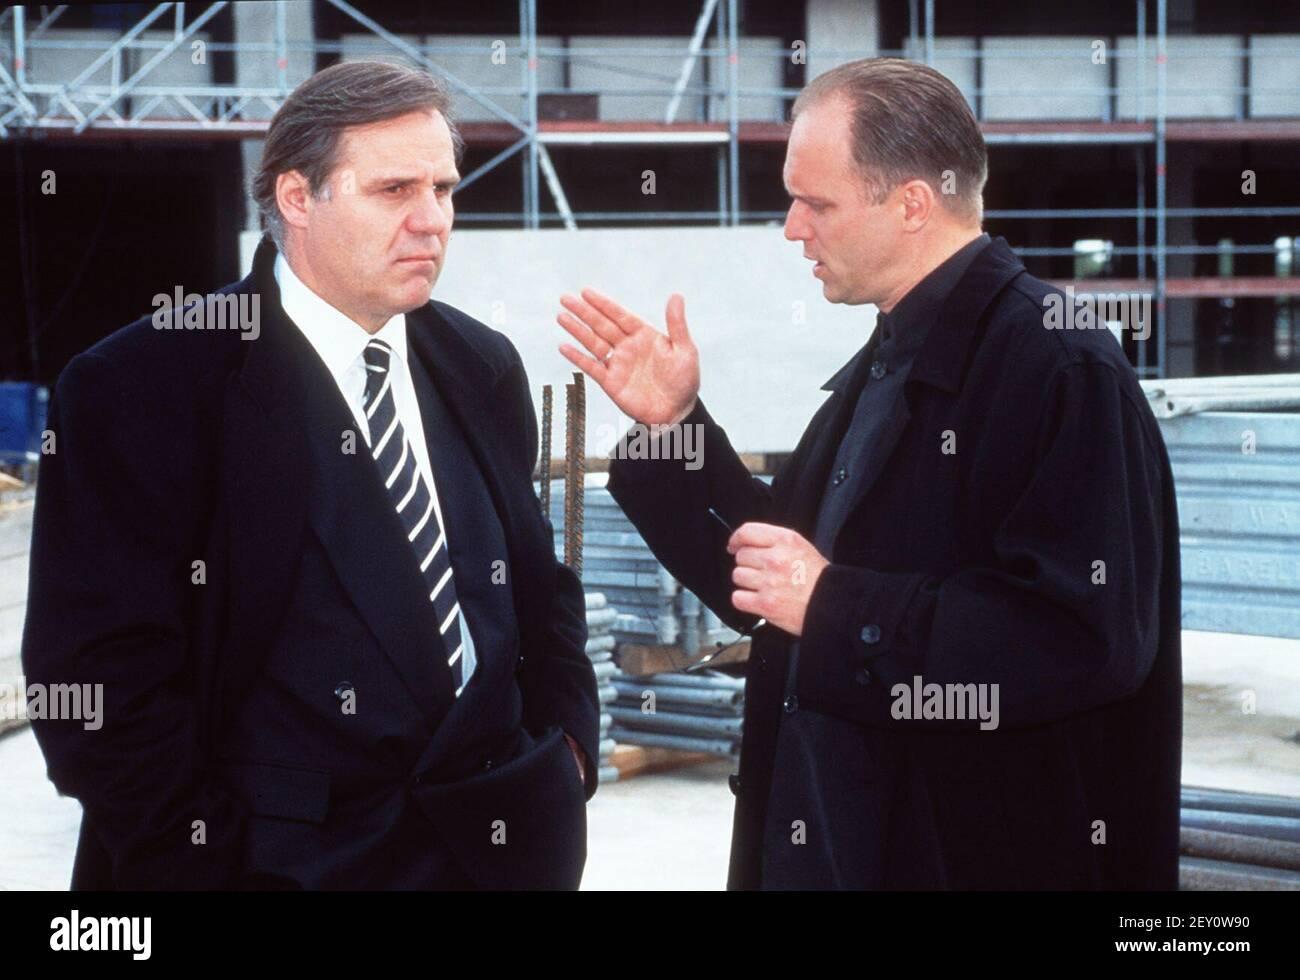 Freier Fall, Fernsehfilm, 1997, Szene: Josef Bierbichler als Edgar Wurlitzer und Ulrich Tukur als Werner März. Freier Fall, TV movie, 1997, scene: Josef Bierbichler and Ulrich Tukur Stock Photo